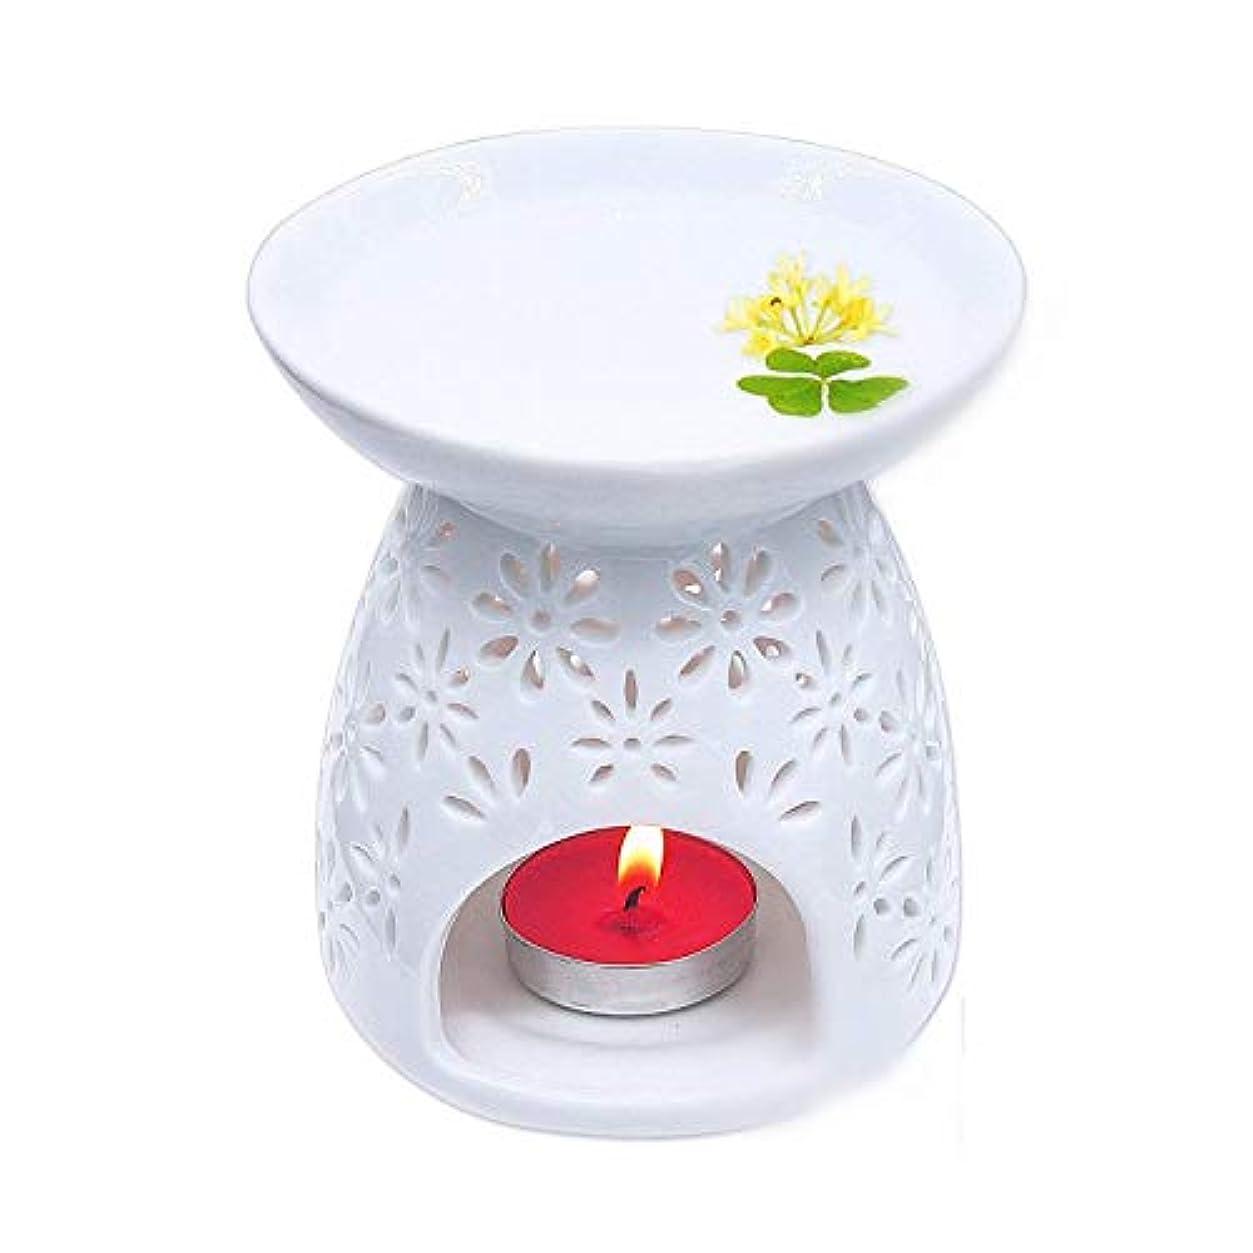 慢性的恵み鉛筆Pursue 茶香炉 アロマ炉 香炉 陶器 精油 香炉置物 薫香 インテリア アロマディフューザー 中空の彫刻工 消臭と癒し おしゃれ